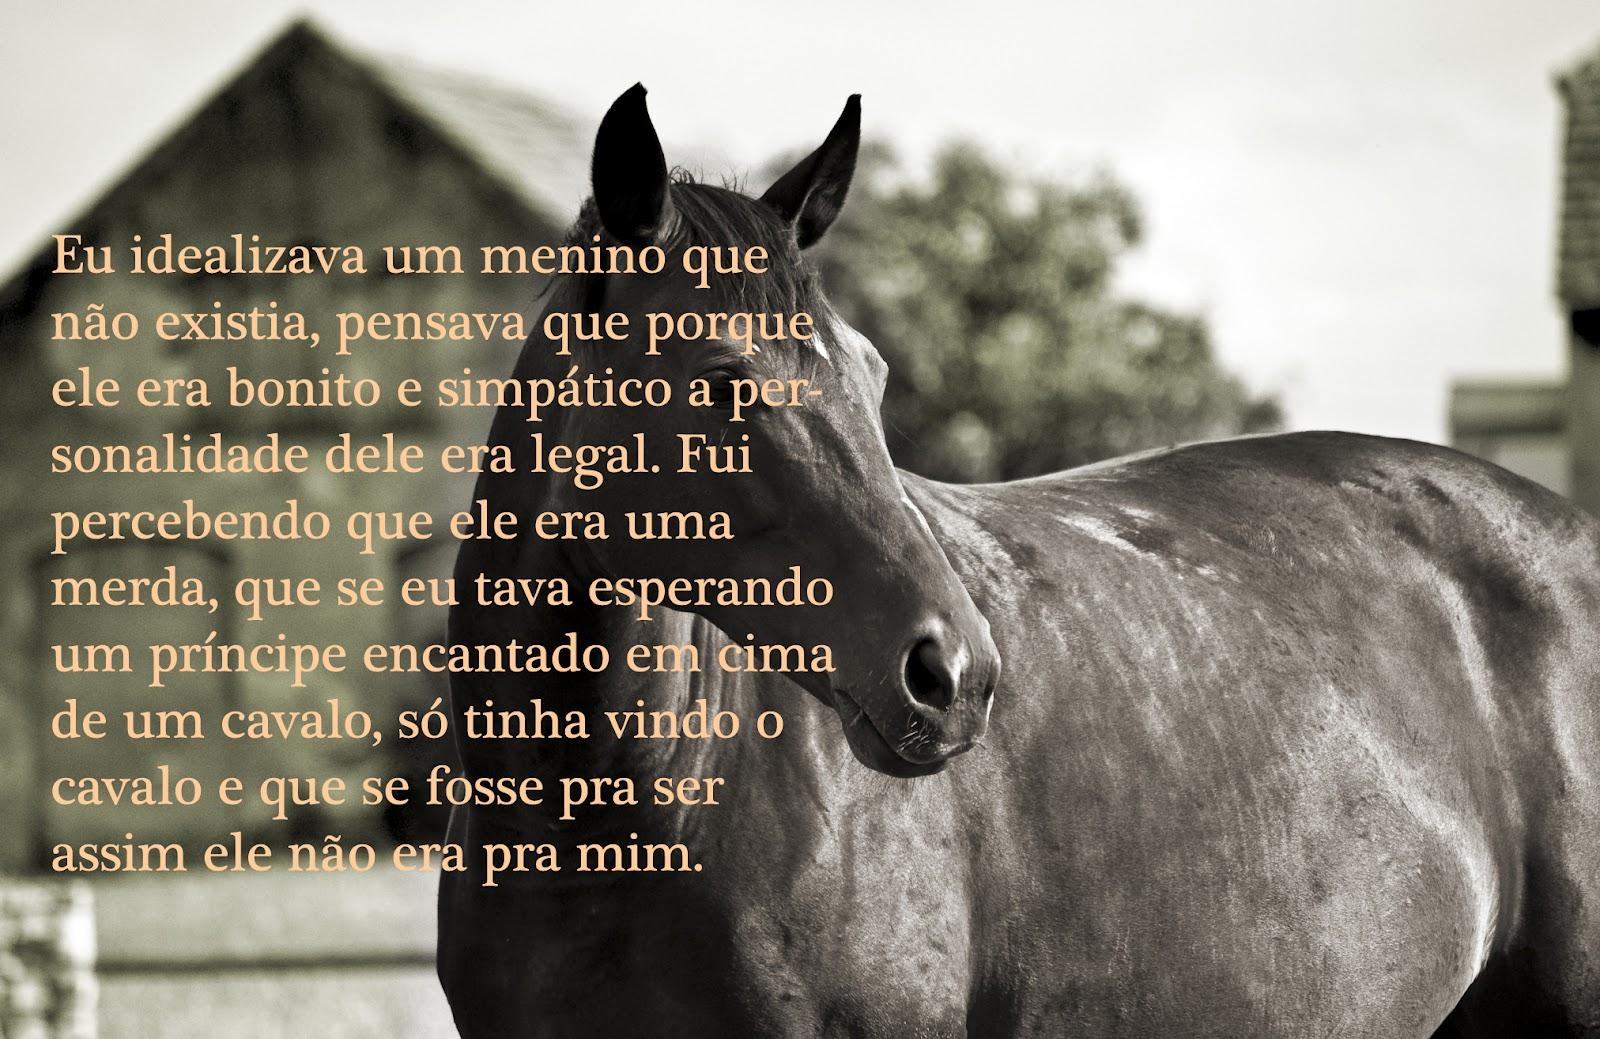 Elegante Fotos De Cavalos Com Frases Para Capa Do Facebook Frases